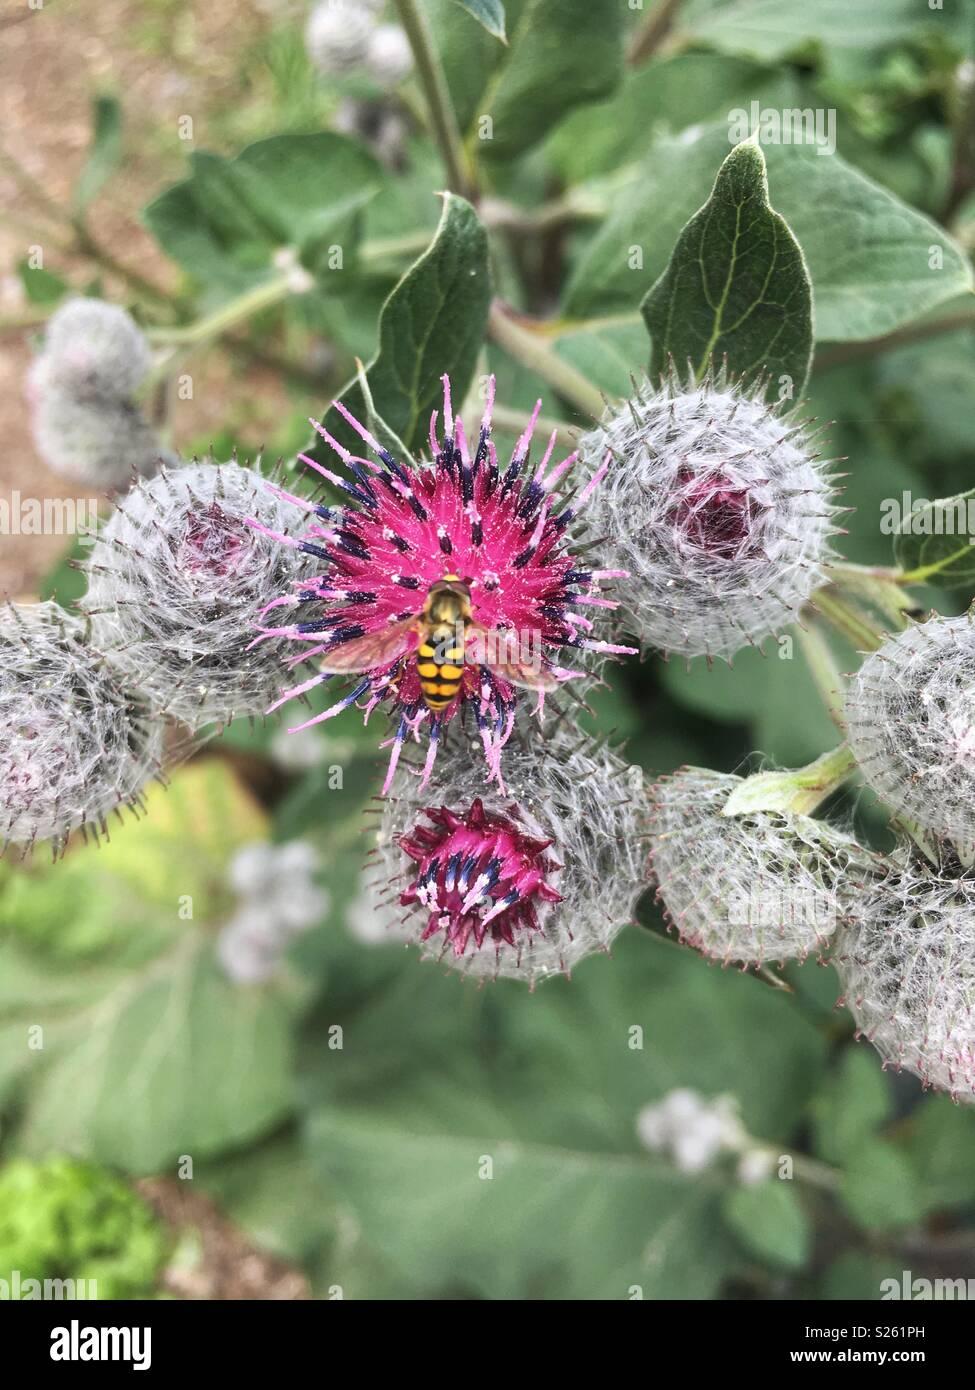 Hooverfly on purple flower - Schwebfliege auf lila Blüte - Stock Image